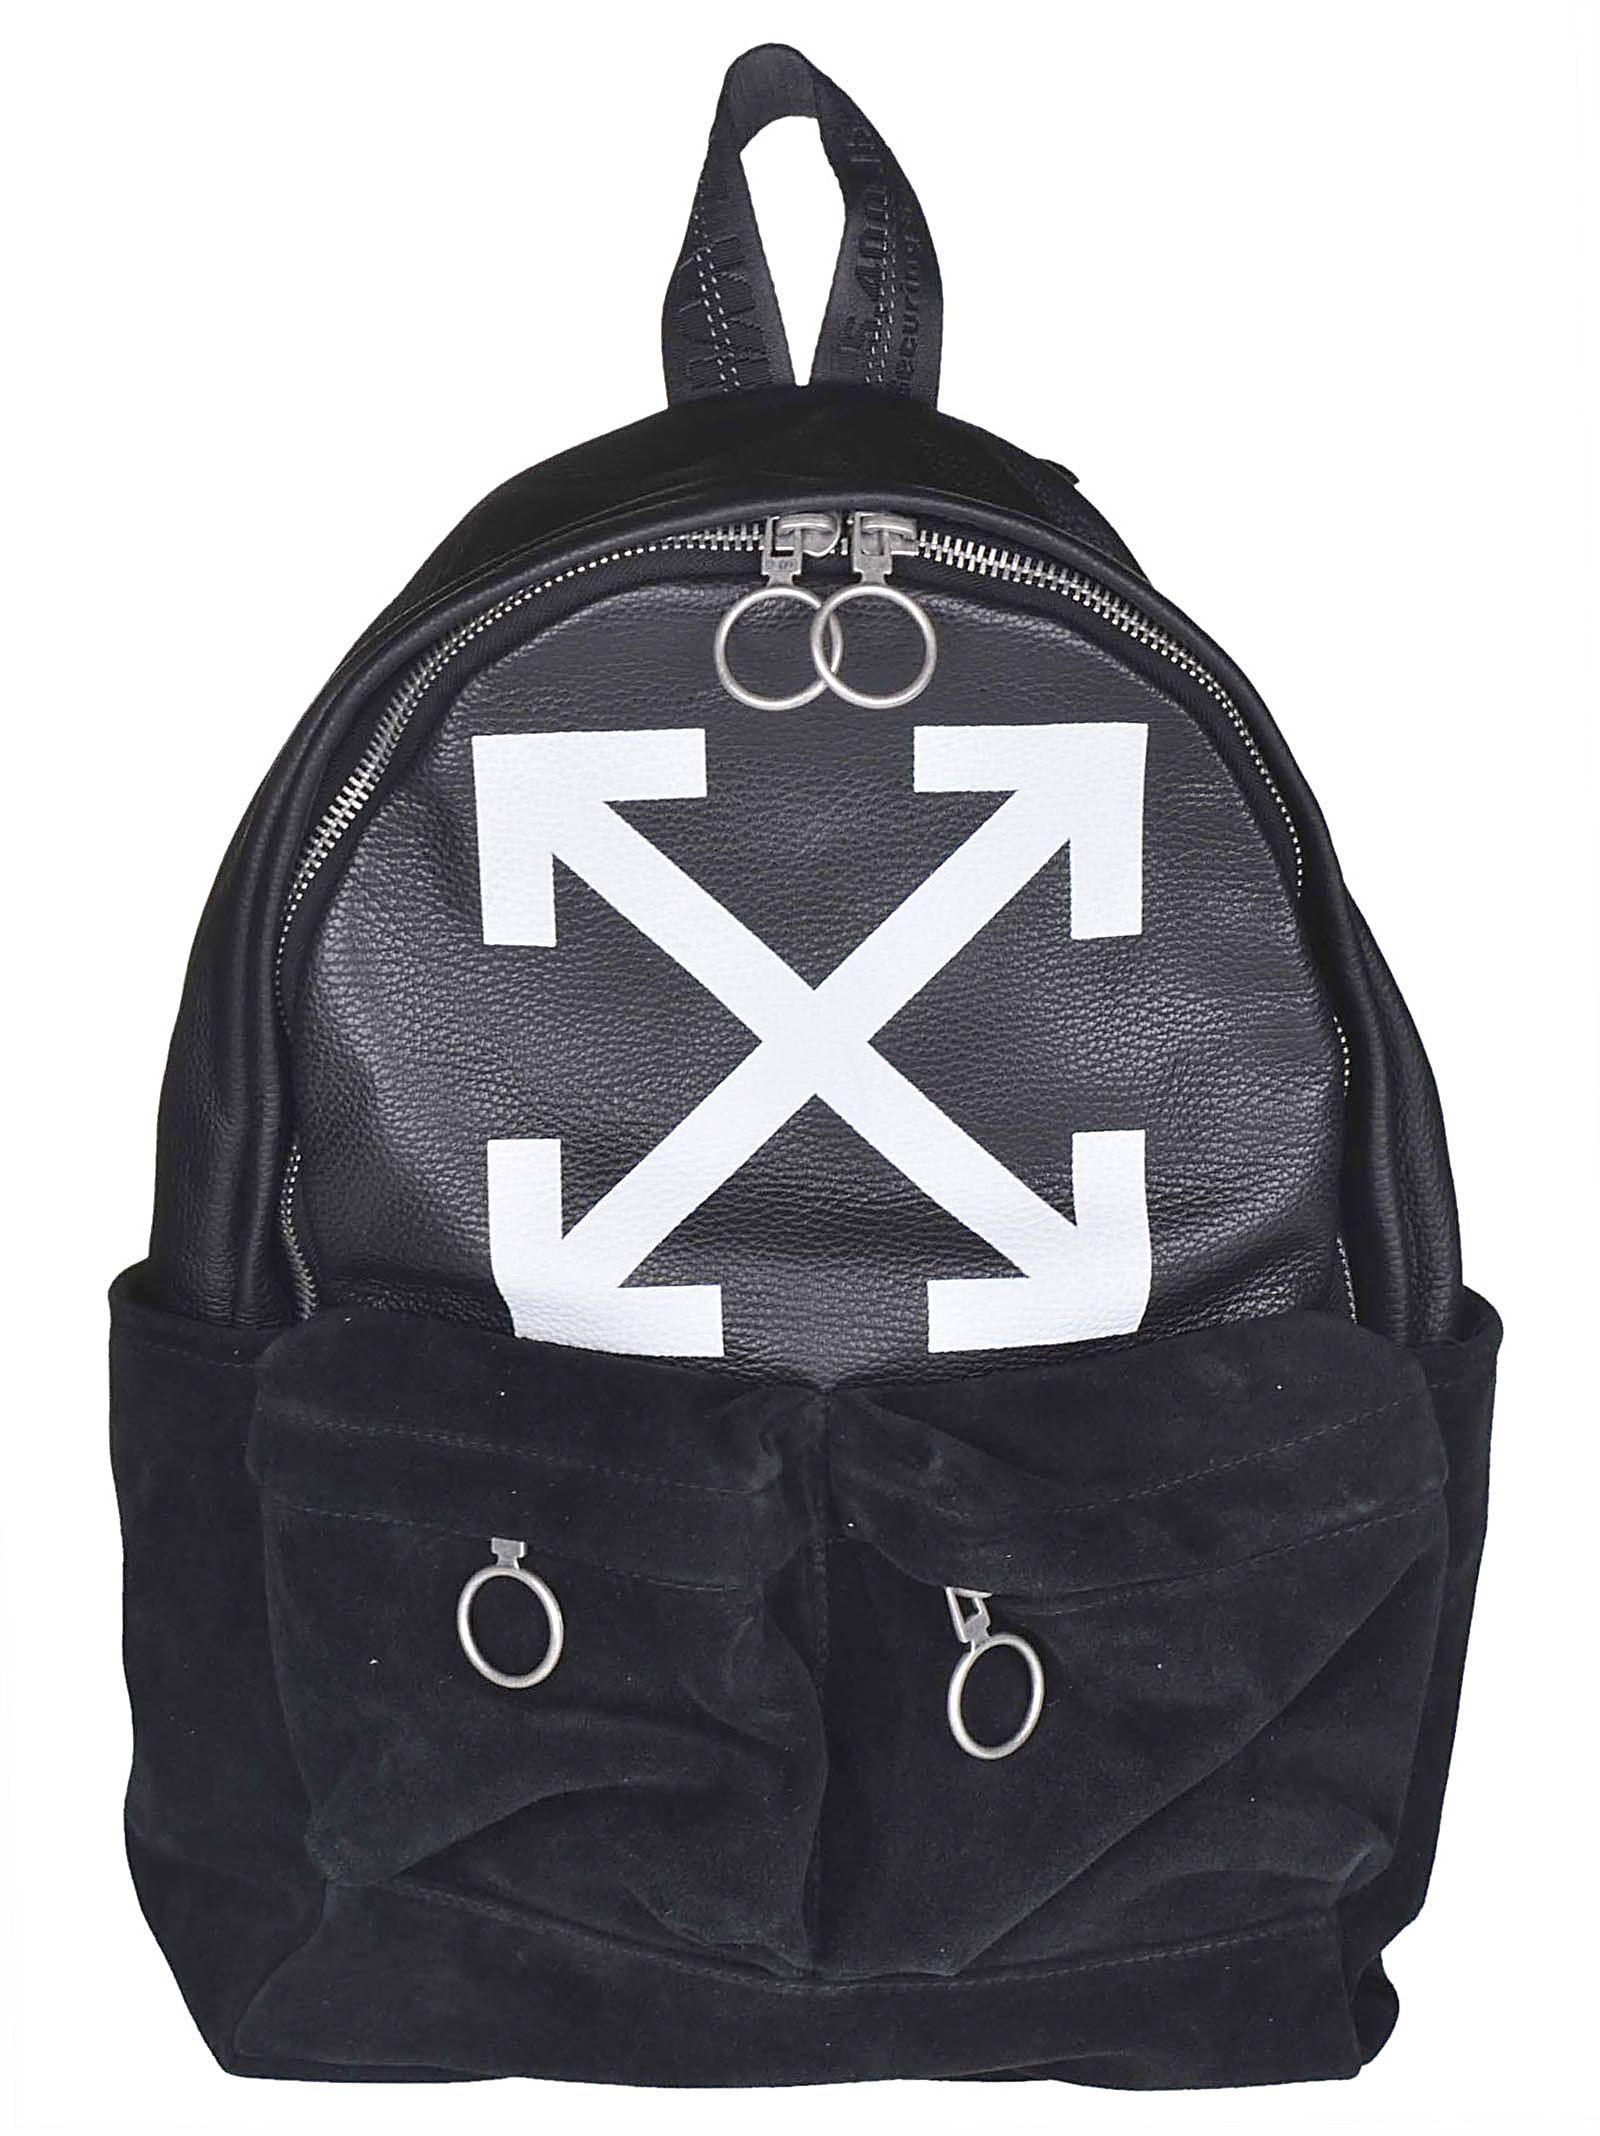 1de464e56d2c OFF-WHITE OFF-WHITE LOGO PRINT BACKPACK.  off-white  bags  polyester   backpacks